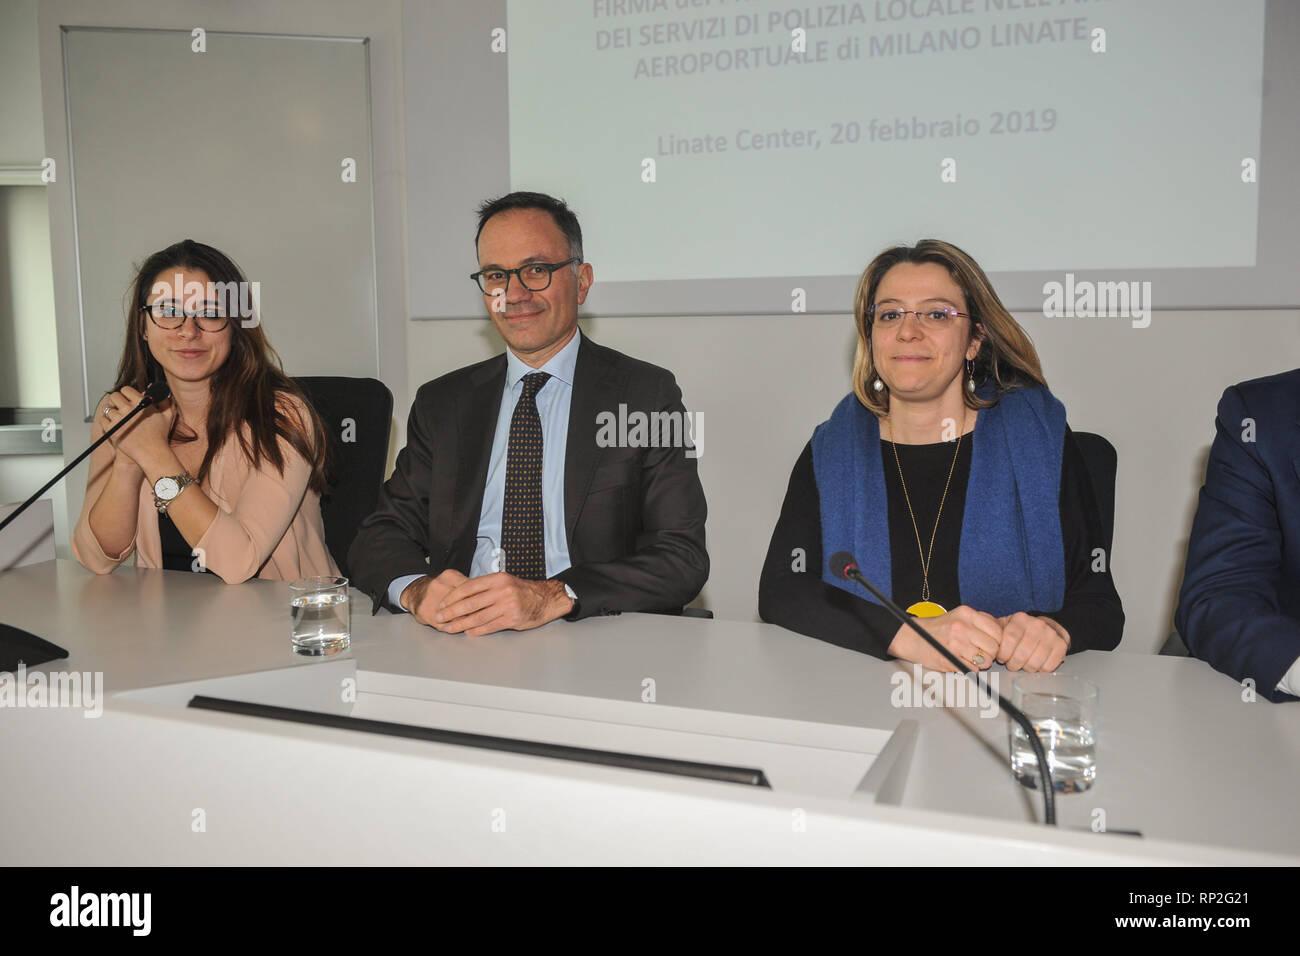 Foto LaPresse - Matteo Corner  20/02/2019 Milano (Italia) cronaca  Firma protocollo d'intesa all'Aeroporto di Linate - Stock Image